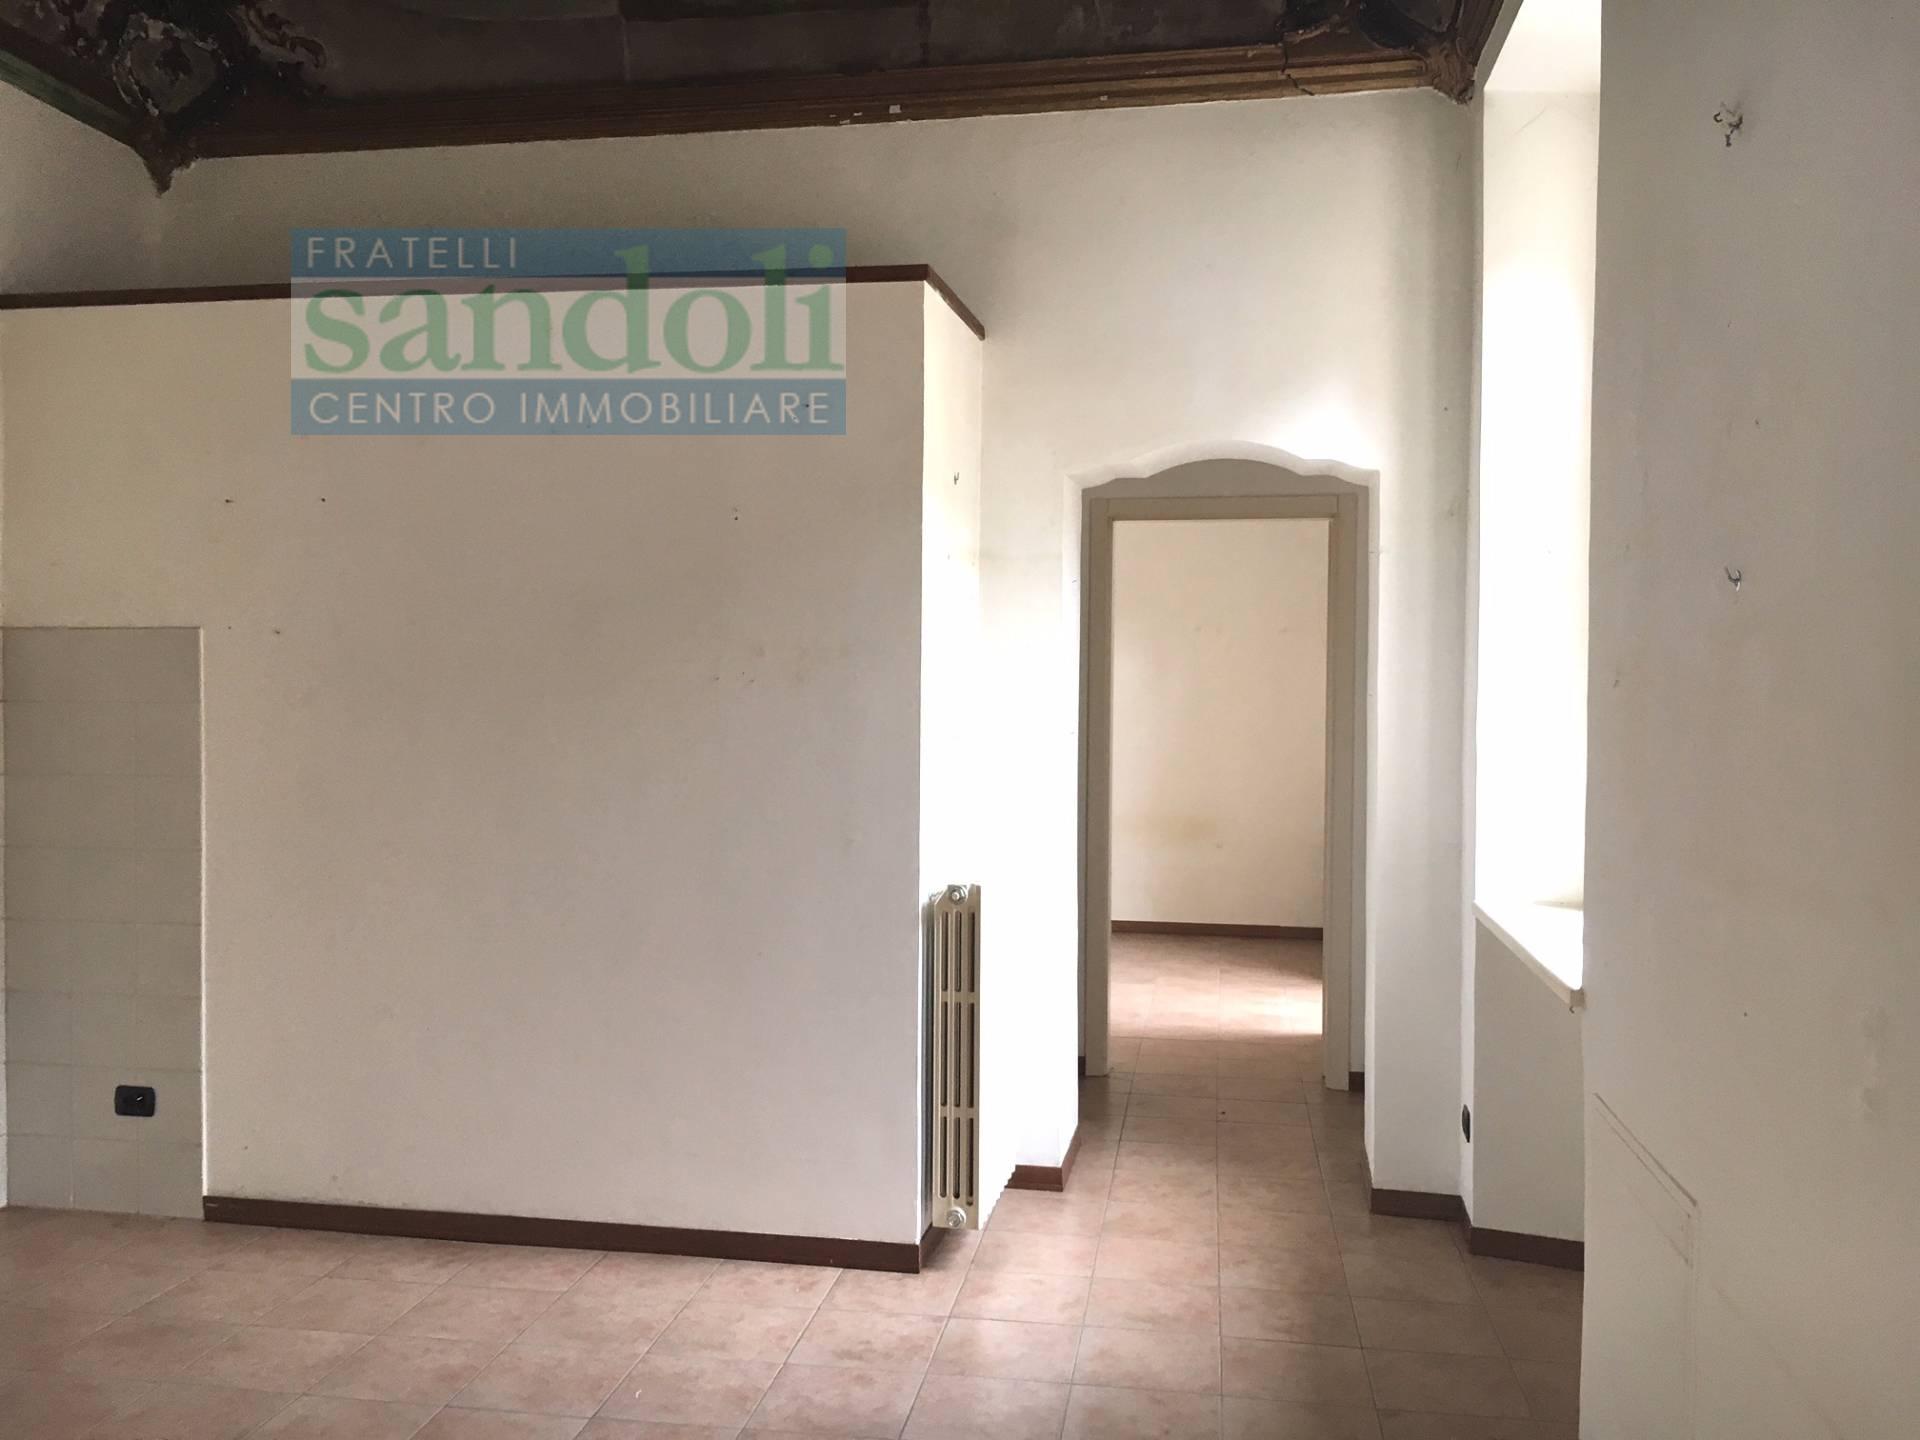 Appartamento monolocale di 40mq in affitto a vercelli for Affitto vercelli arredato